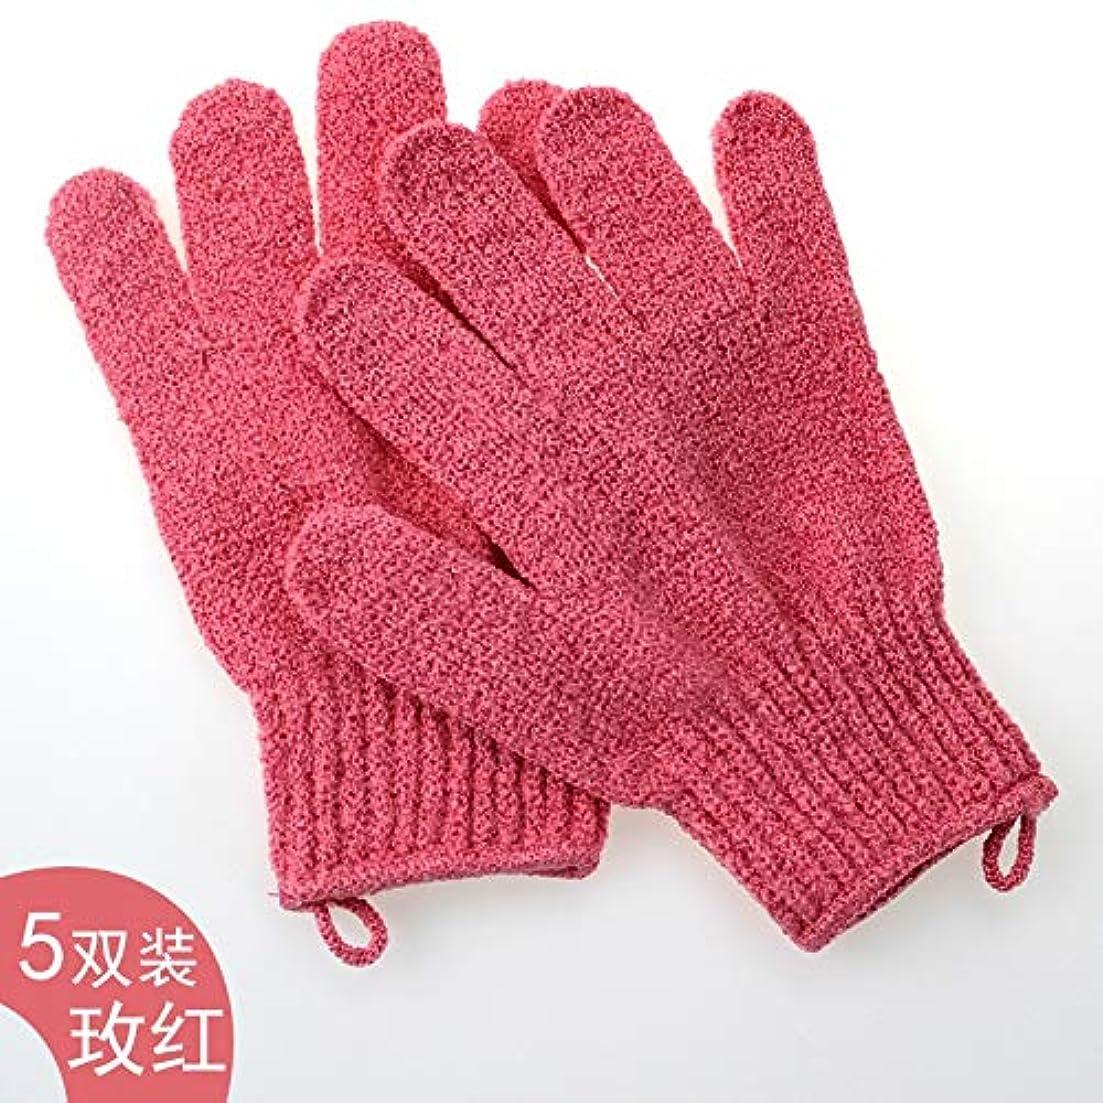 延期するこっそり密度BTXXYJP お風呂用手袋 シャワー手袋 あかすり ボディタオル ボディブラシ やわらか バス用品 男女兼用 角質除去 (Color : Red)